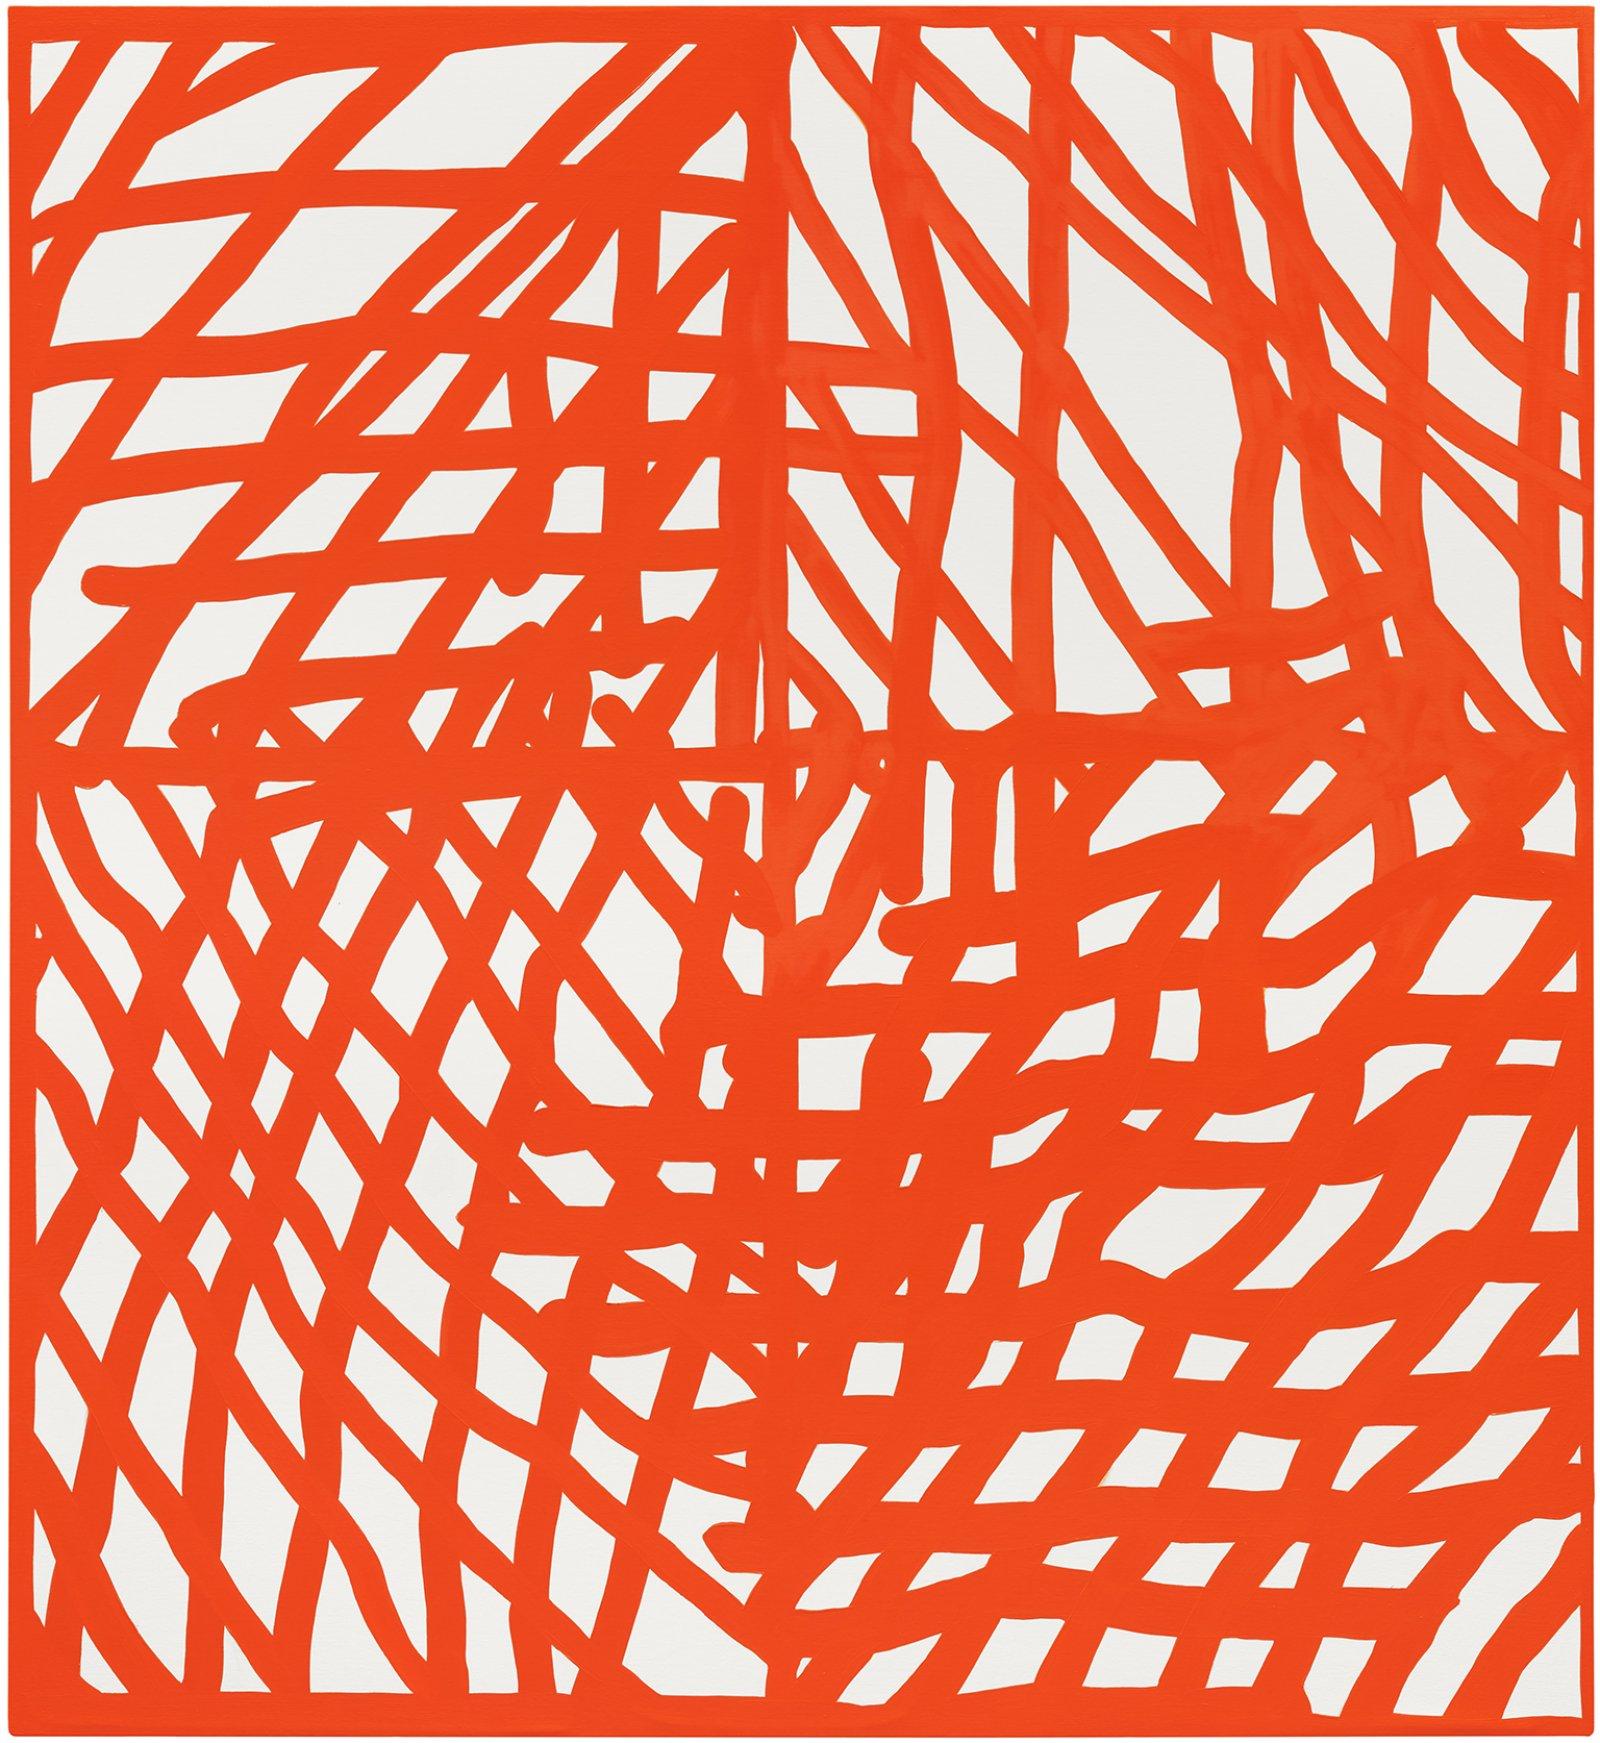 Elizabeth McIntosh, Unraveller, 2020, oil on canvas, 73 x 67 in. (185 x 170 cm) by Elizabeth McIntosh